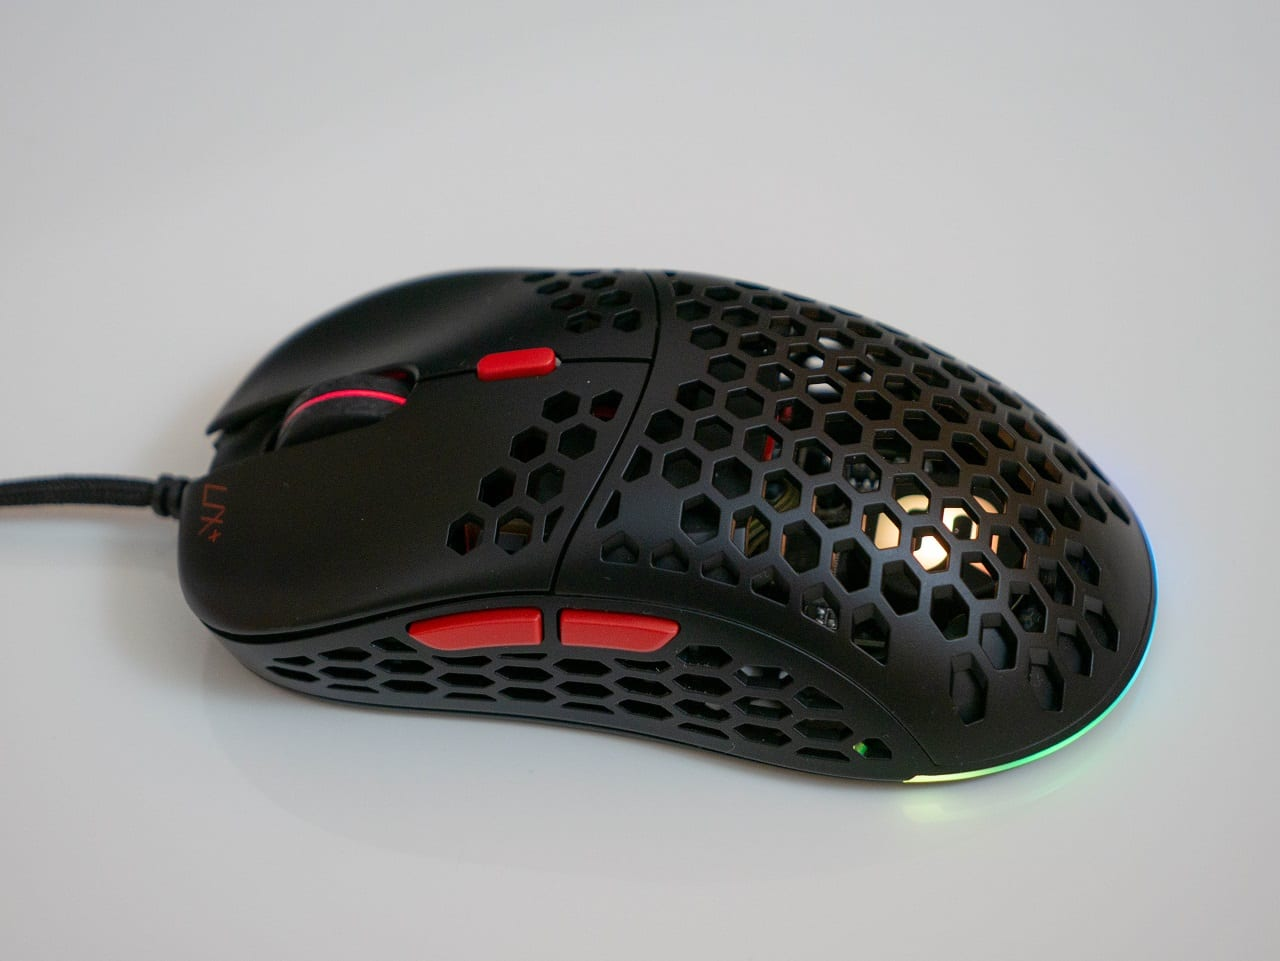 Recensione mouse ultra leggero SPC Gear LIX Plus